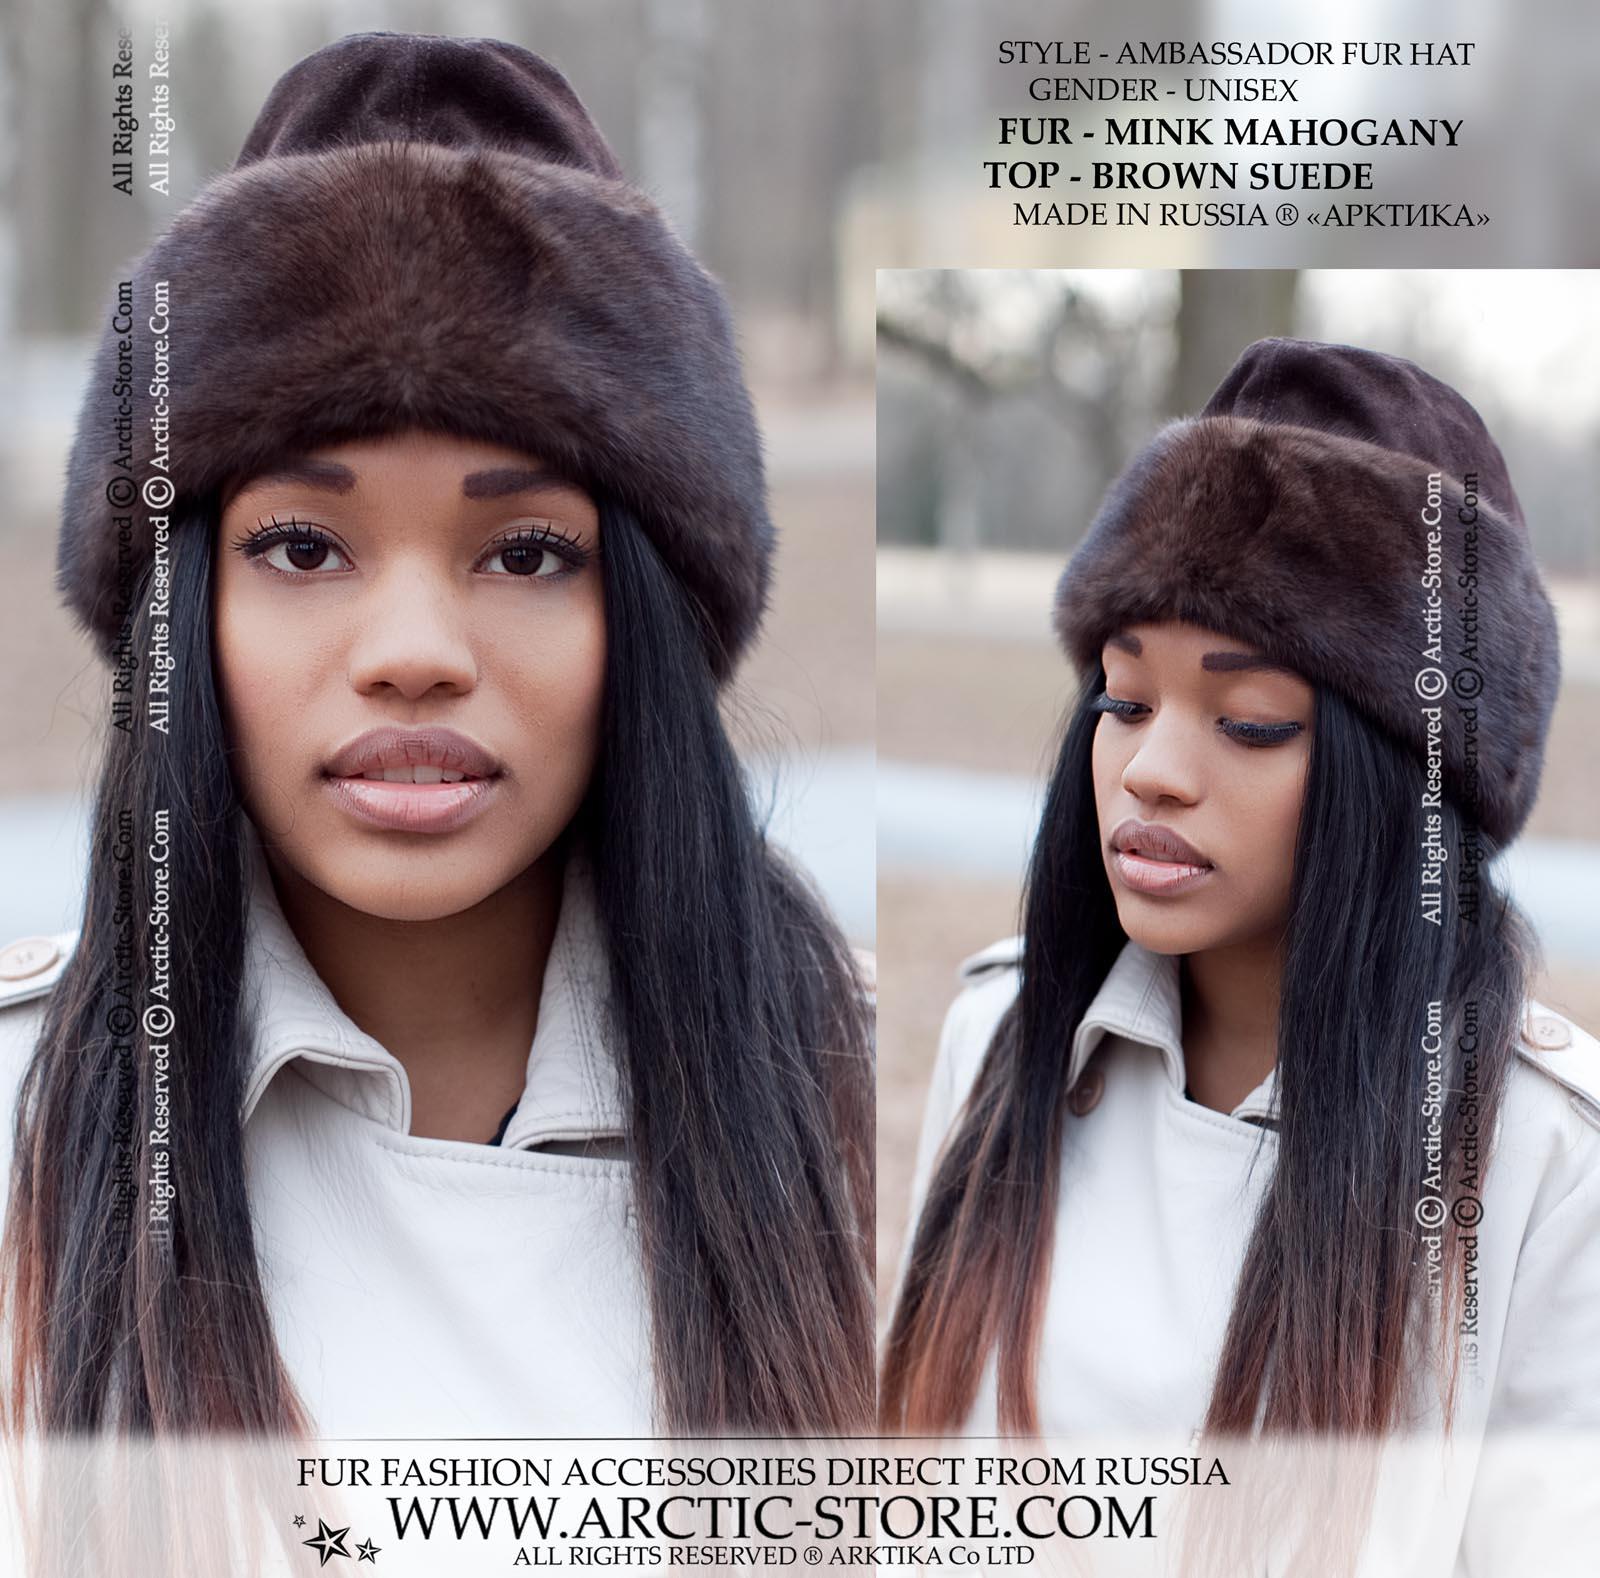 36f0727c5f1 Ambassador fur hat - Mahogany brown mink cap - arctic-store